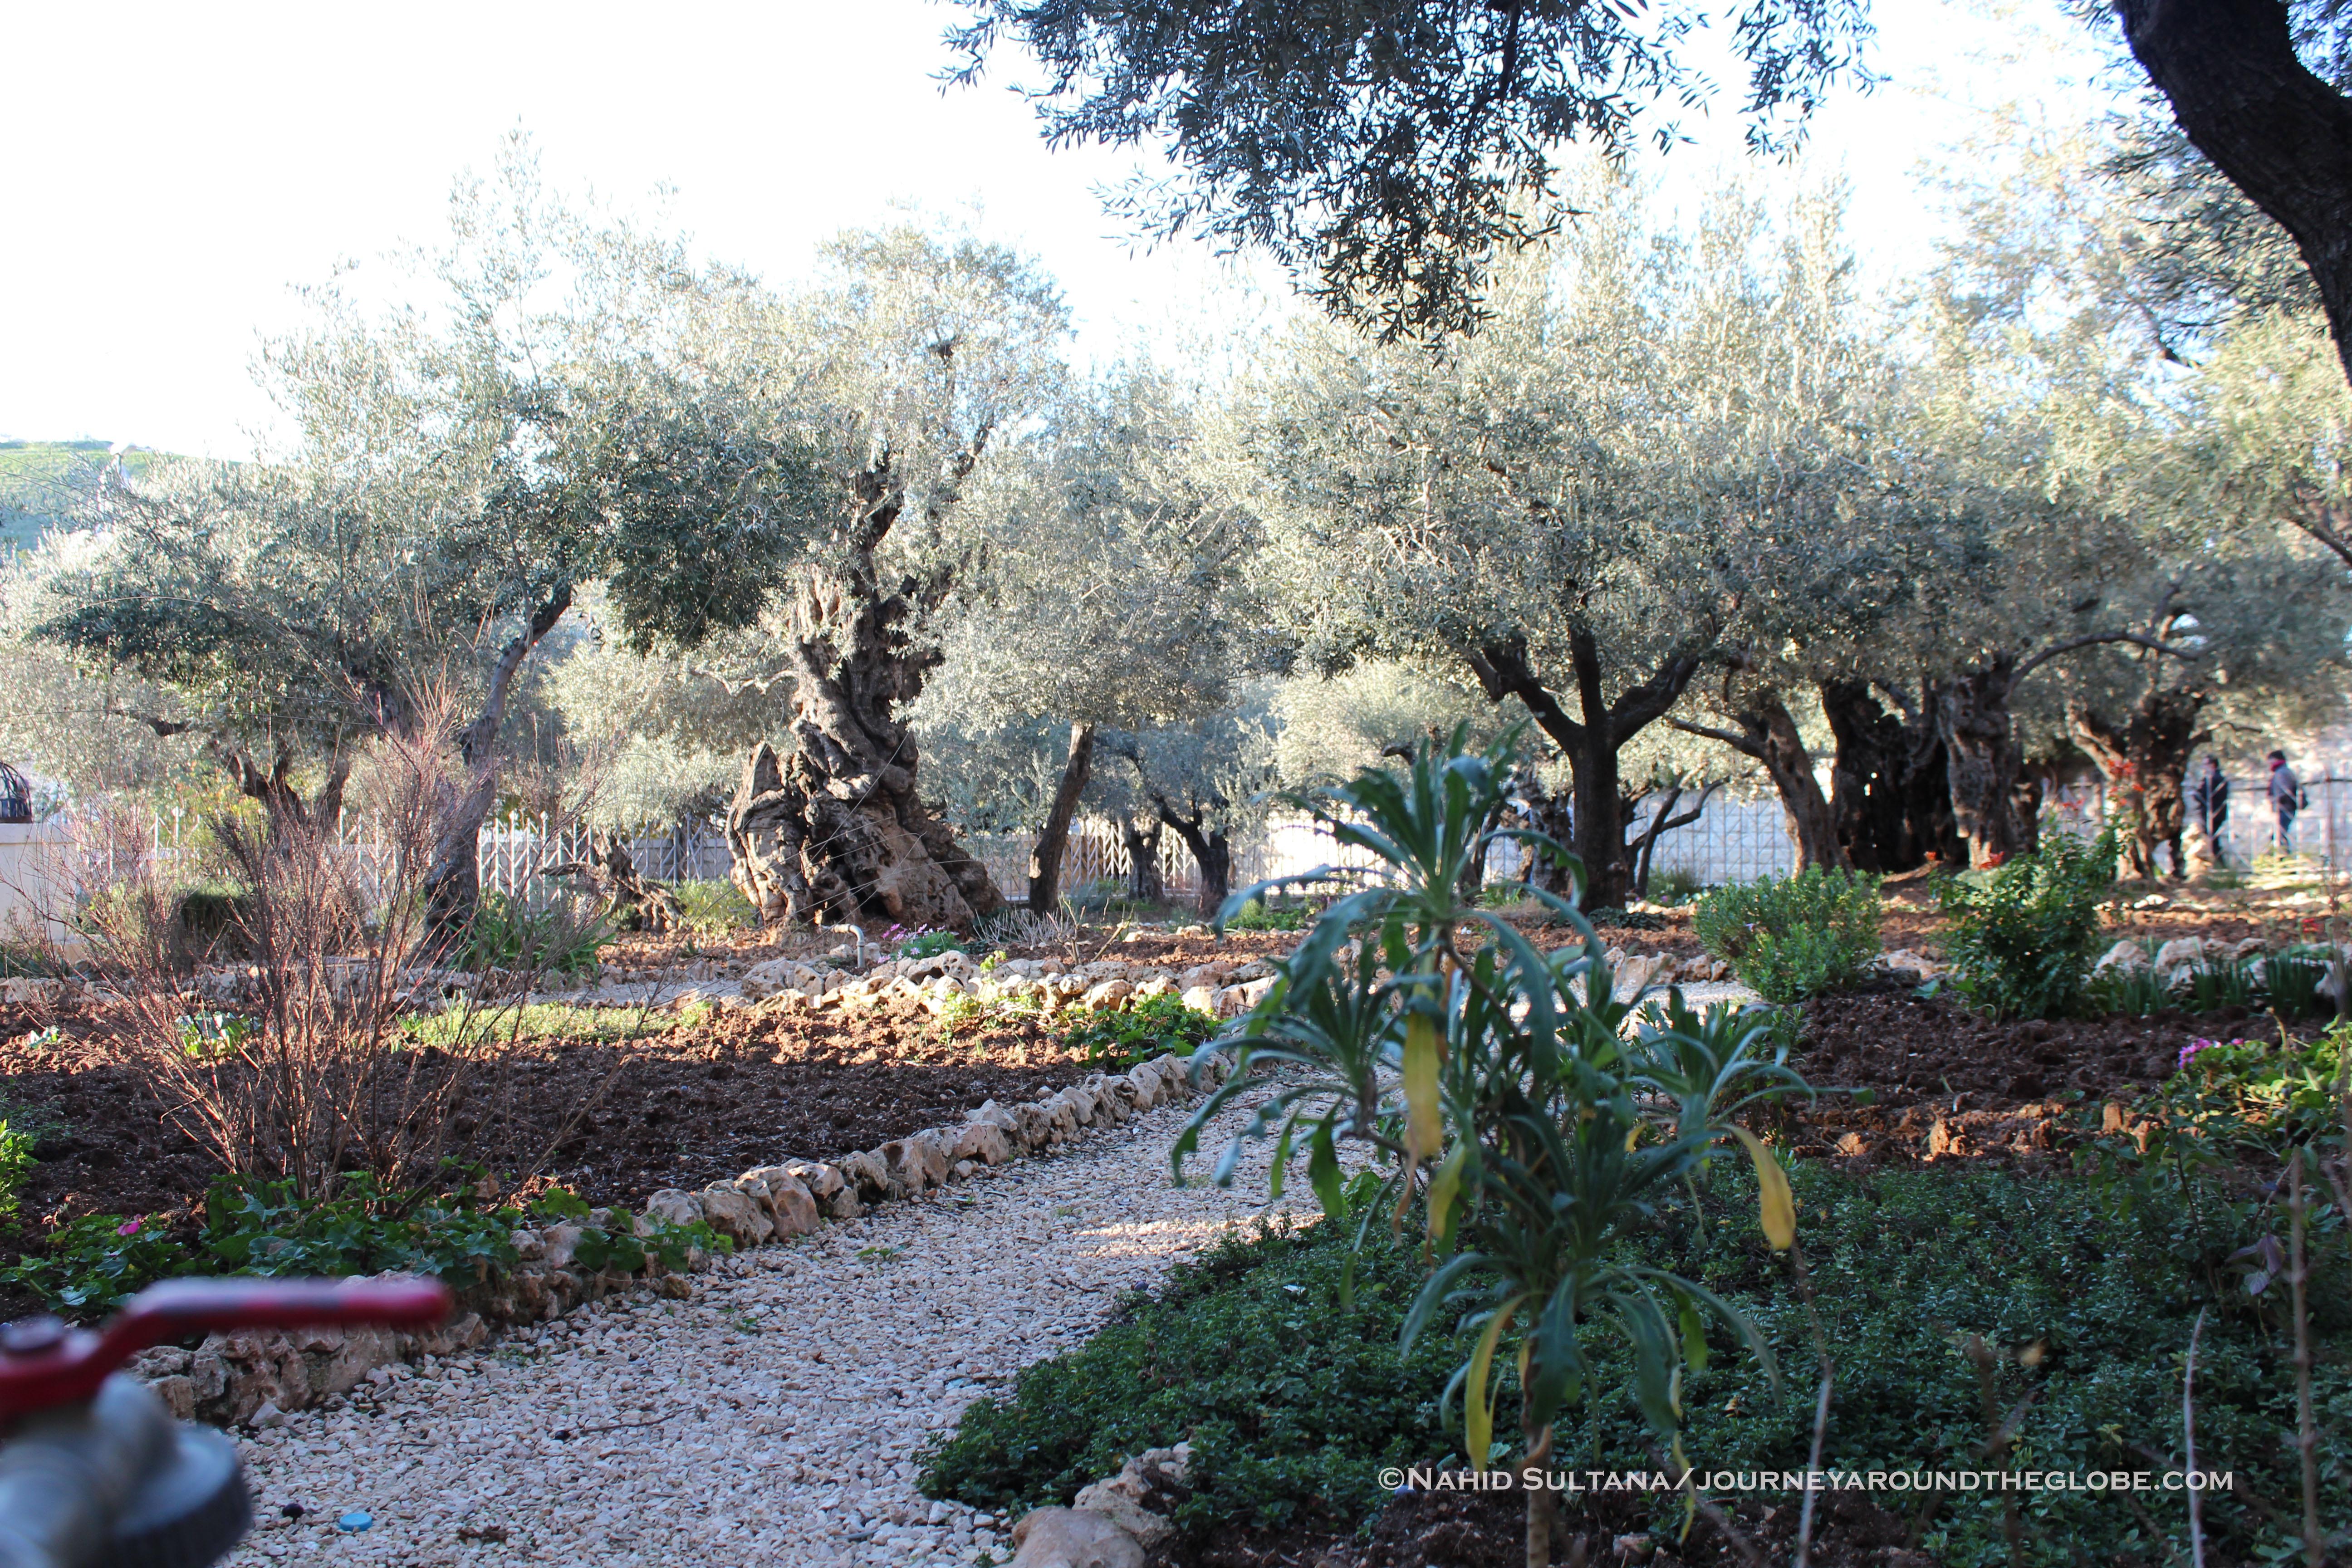 Jerusalem journey around the globe - Jesus in the garden of gethsemane ...